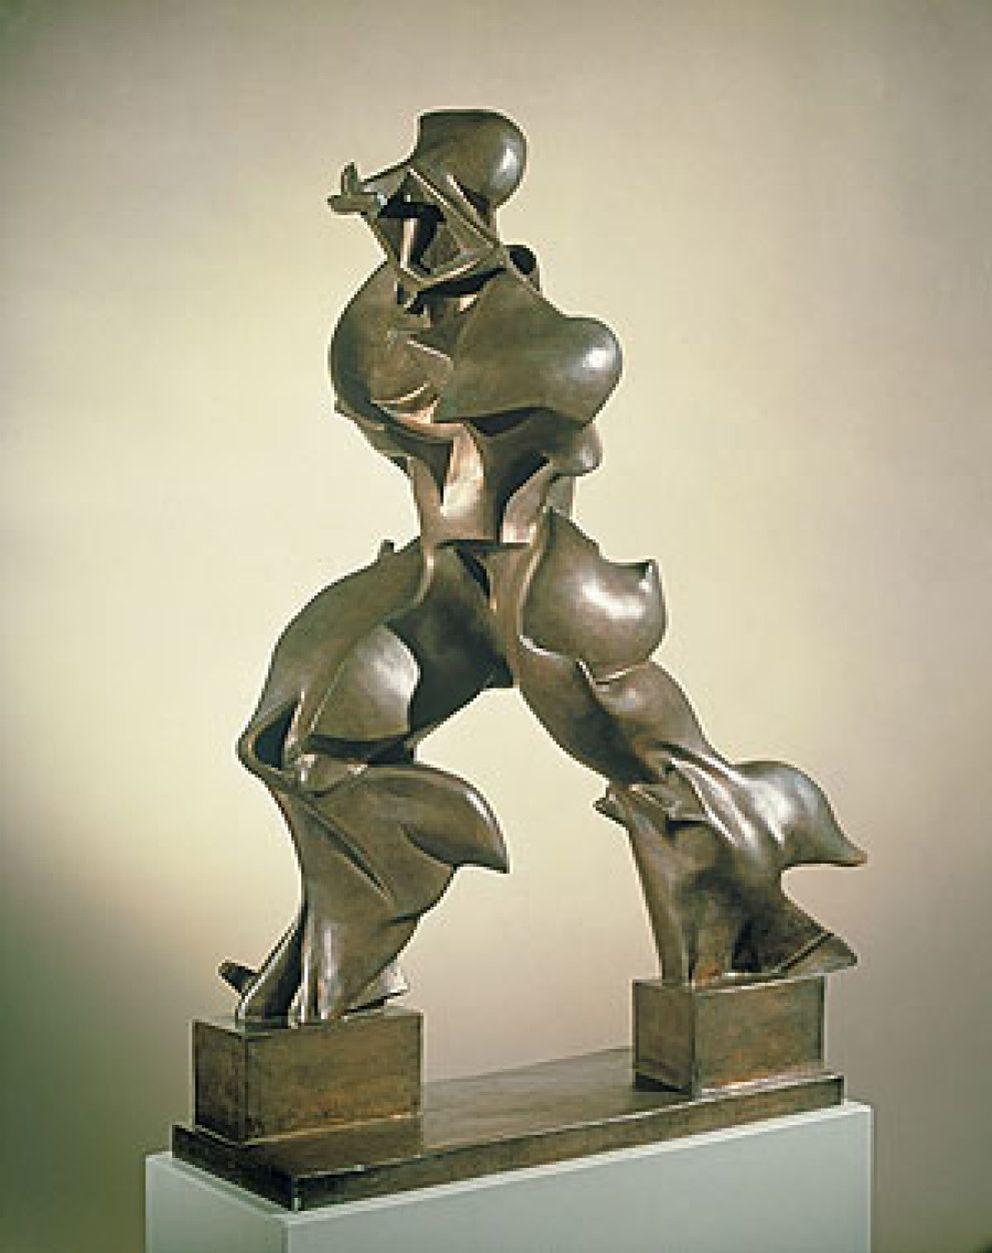 Arte: Los dibujos y las esculturas del futurista Boccioni se ...